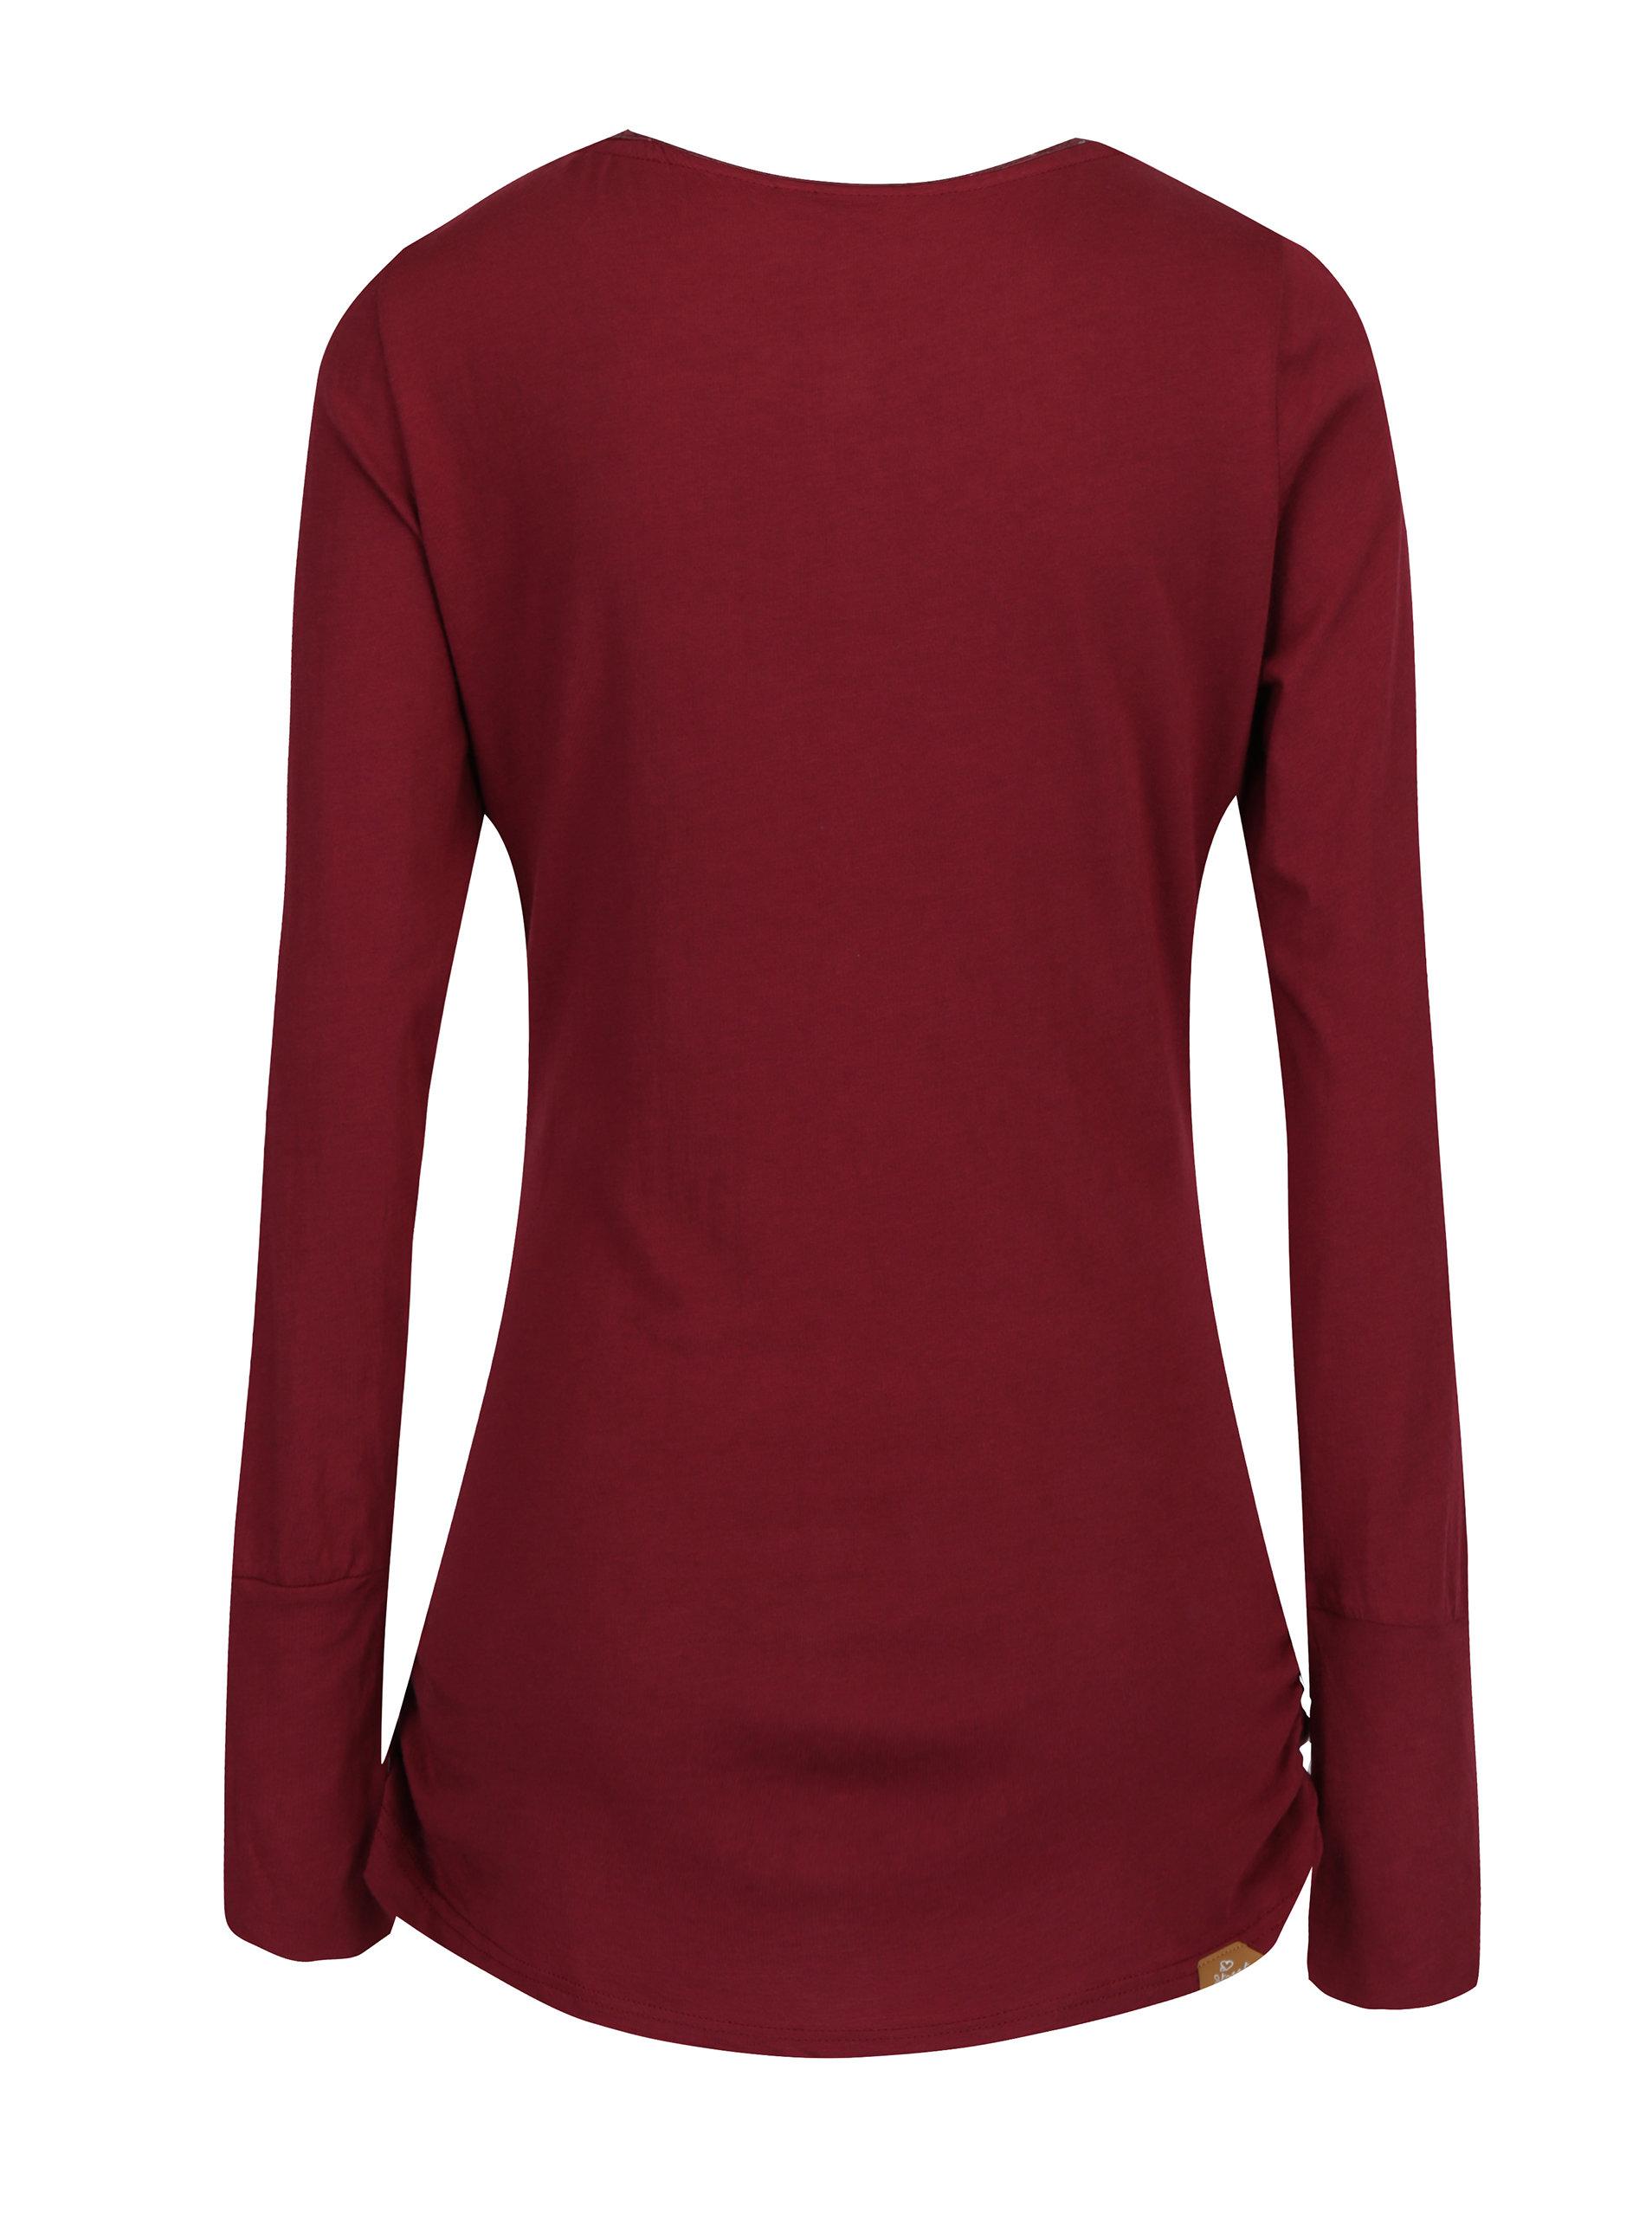 127dee0e6aa Vínové dámské dlouhé tričko s všitým dílem Ragwear Zimt ...